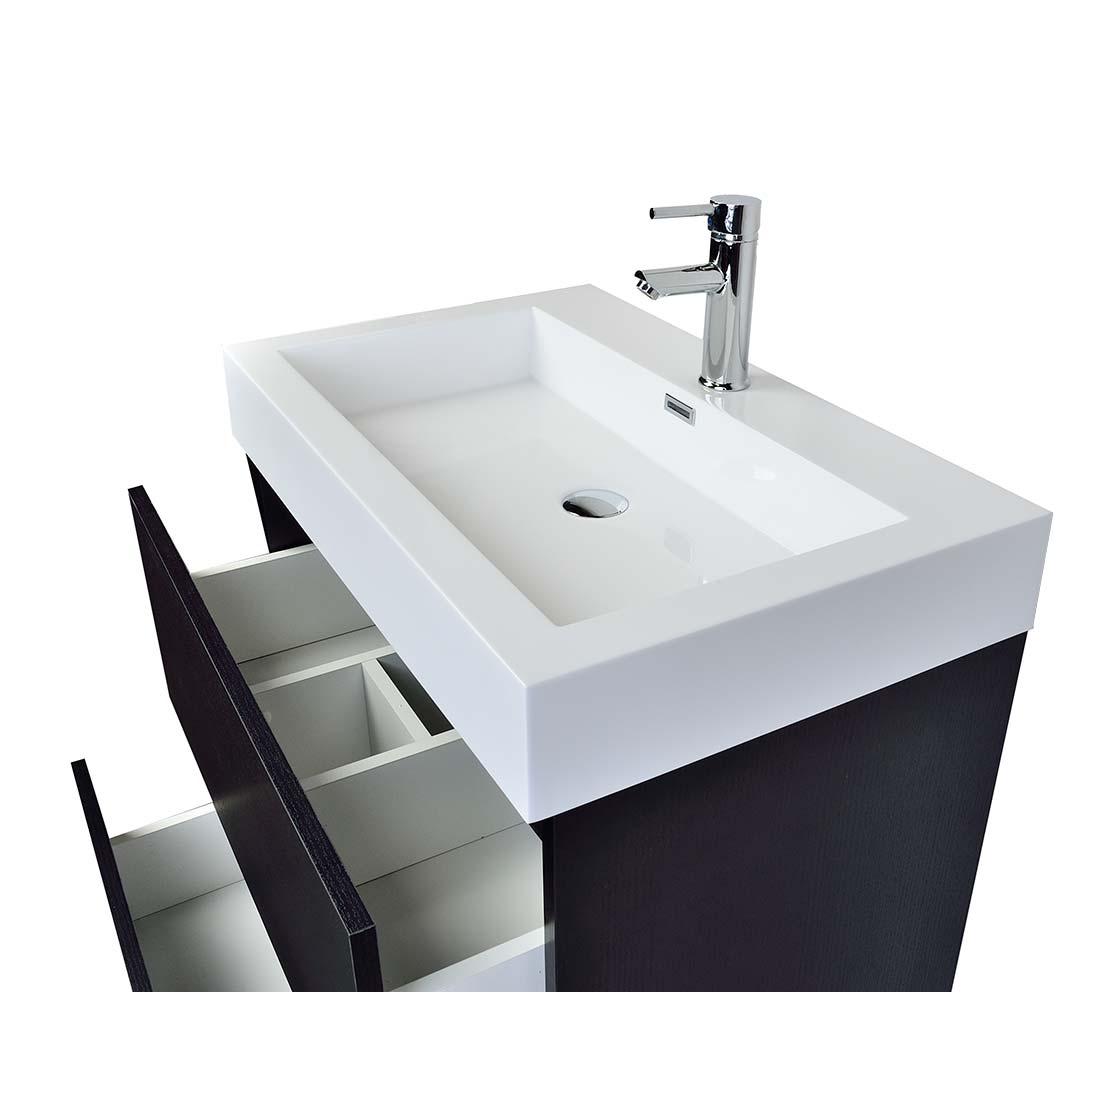 29 5 Contemporary Bathroom Vanity Black Tn Ly750 Bk